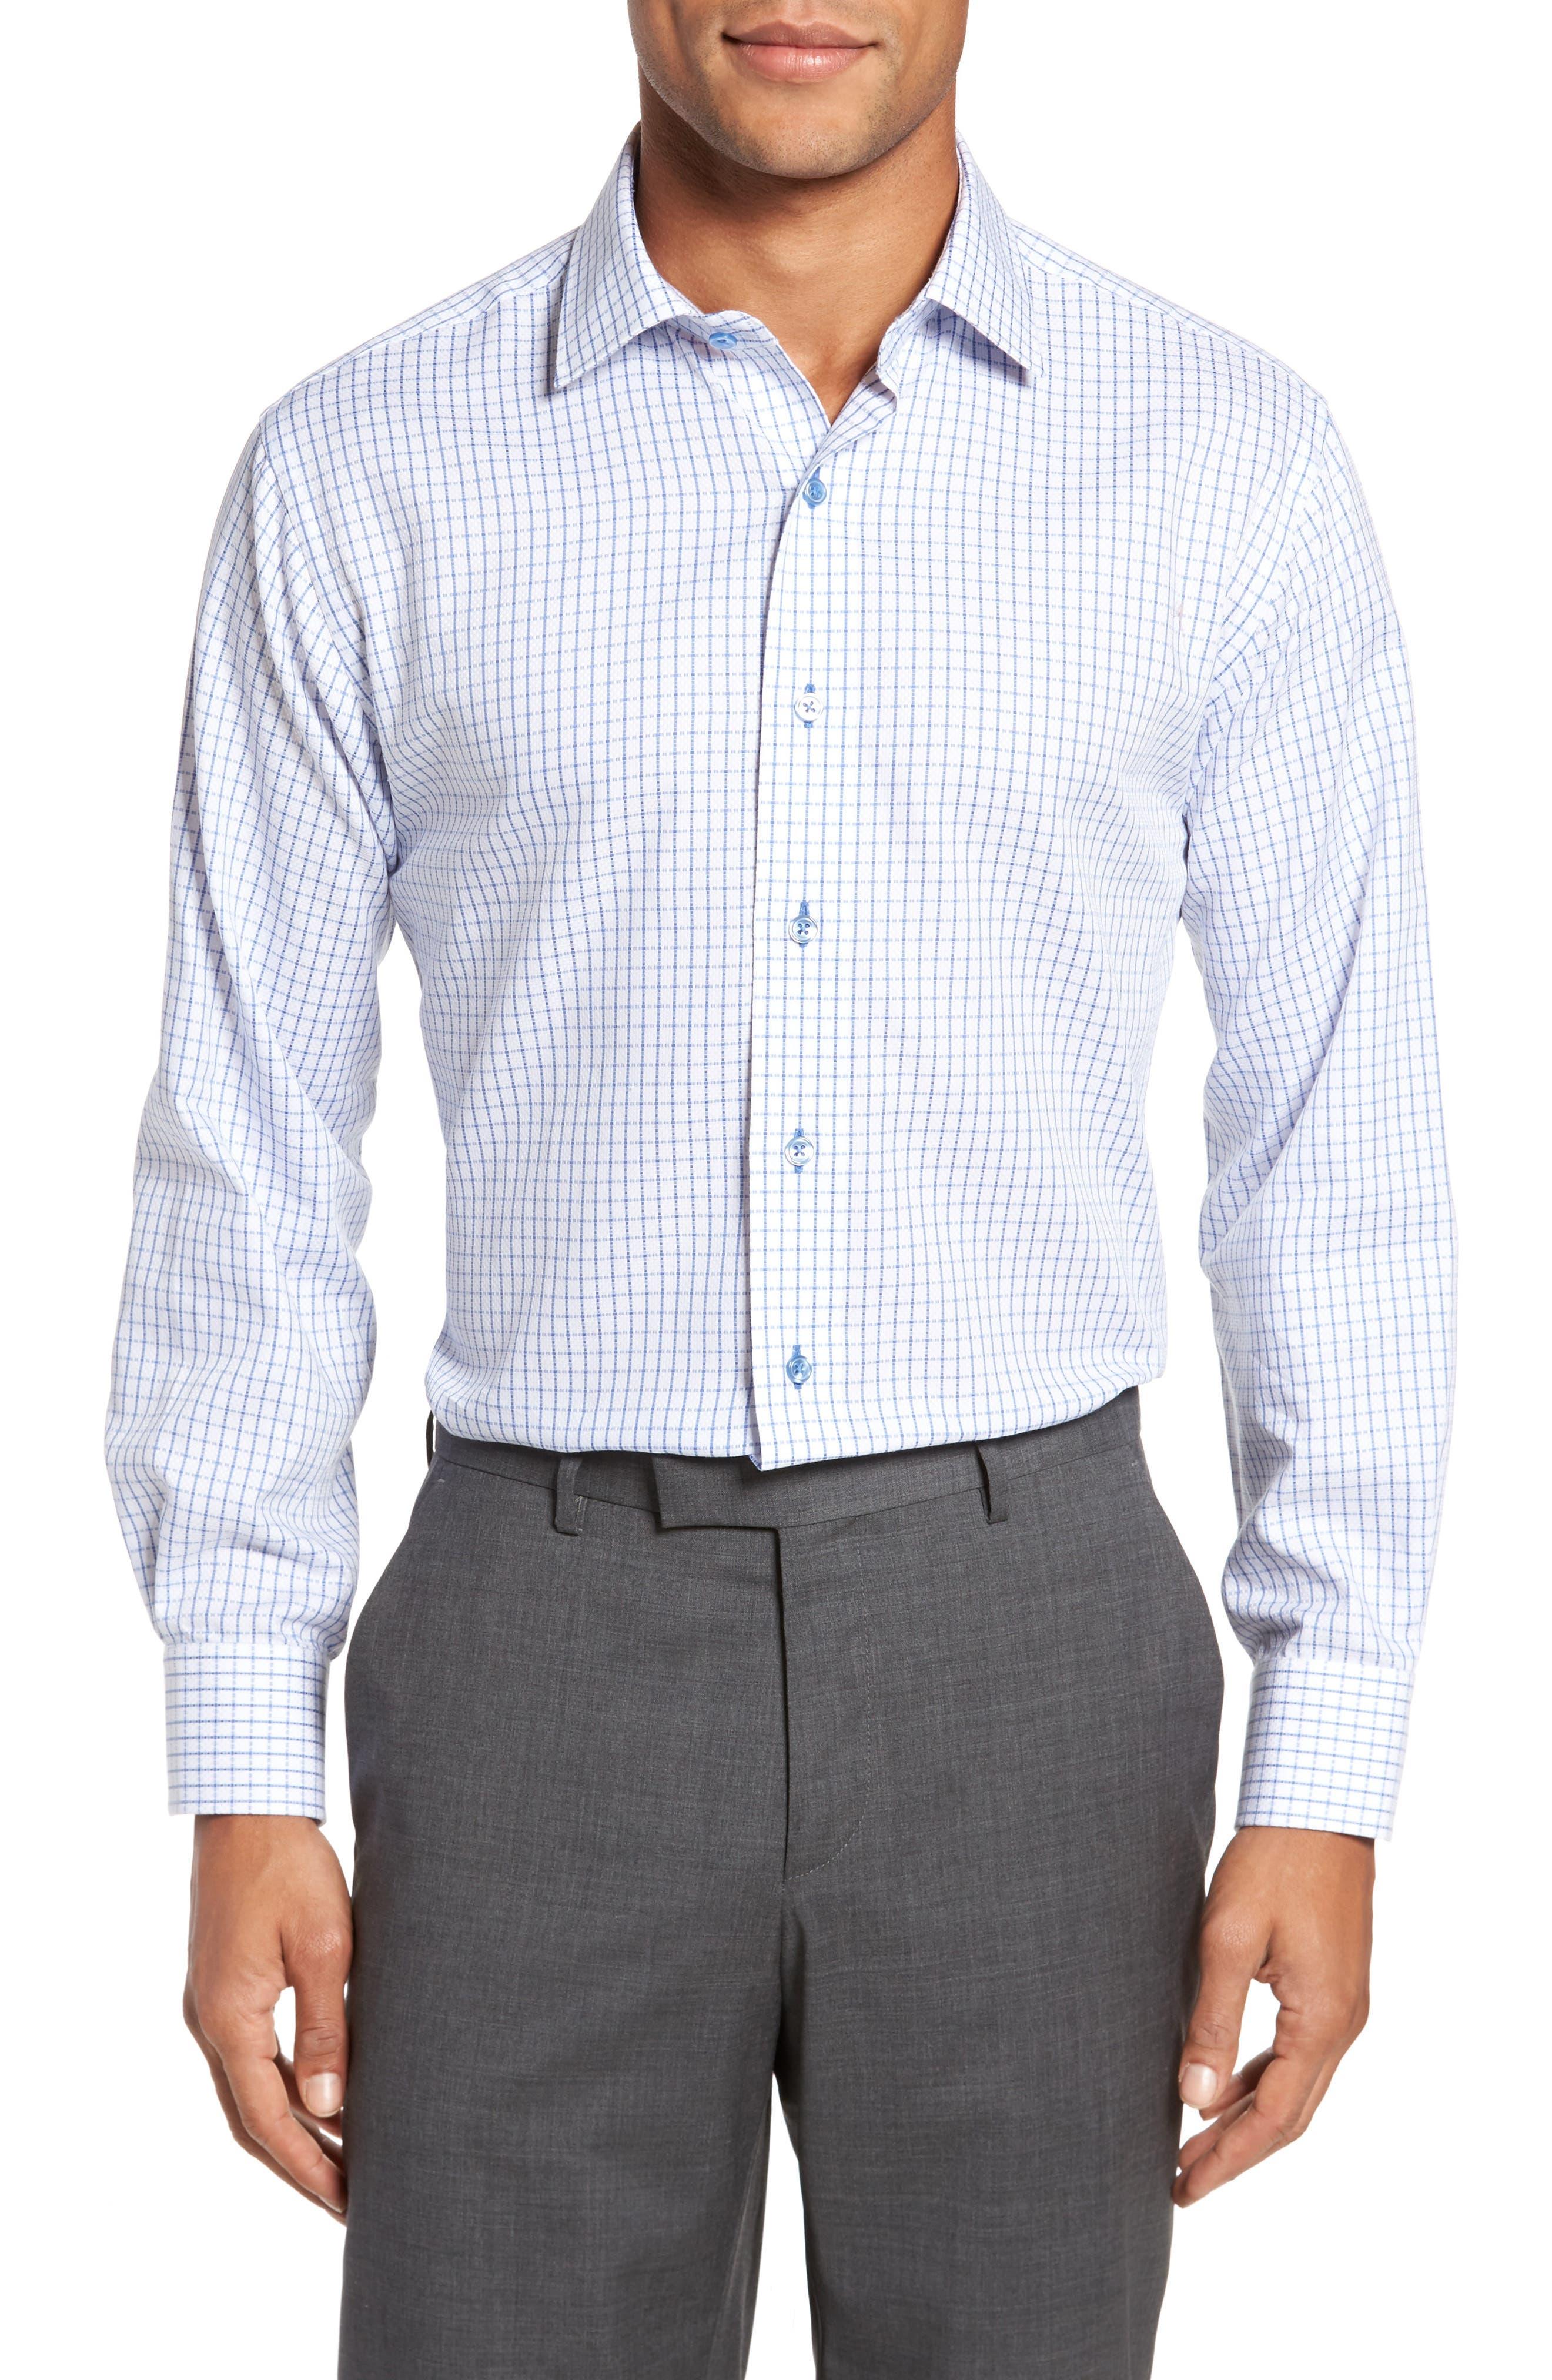 LORENZO UOMO Trim Fit Textured Check Dress Shirt, Main, color, LIGHT BLUE